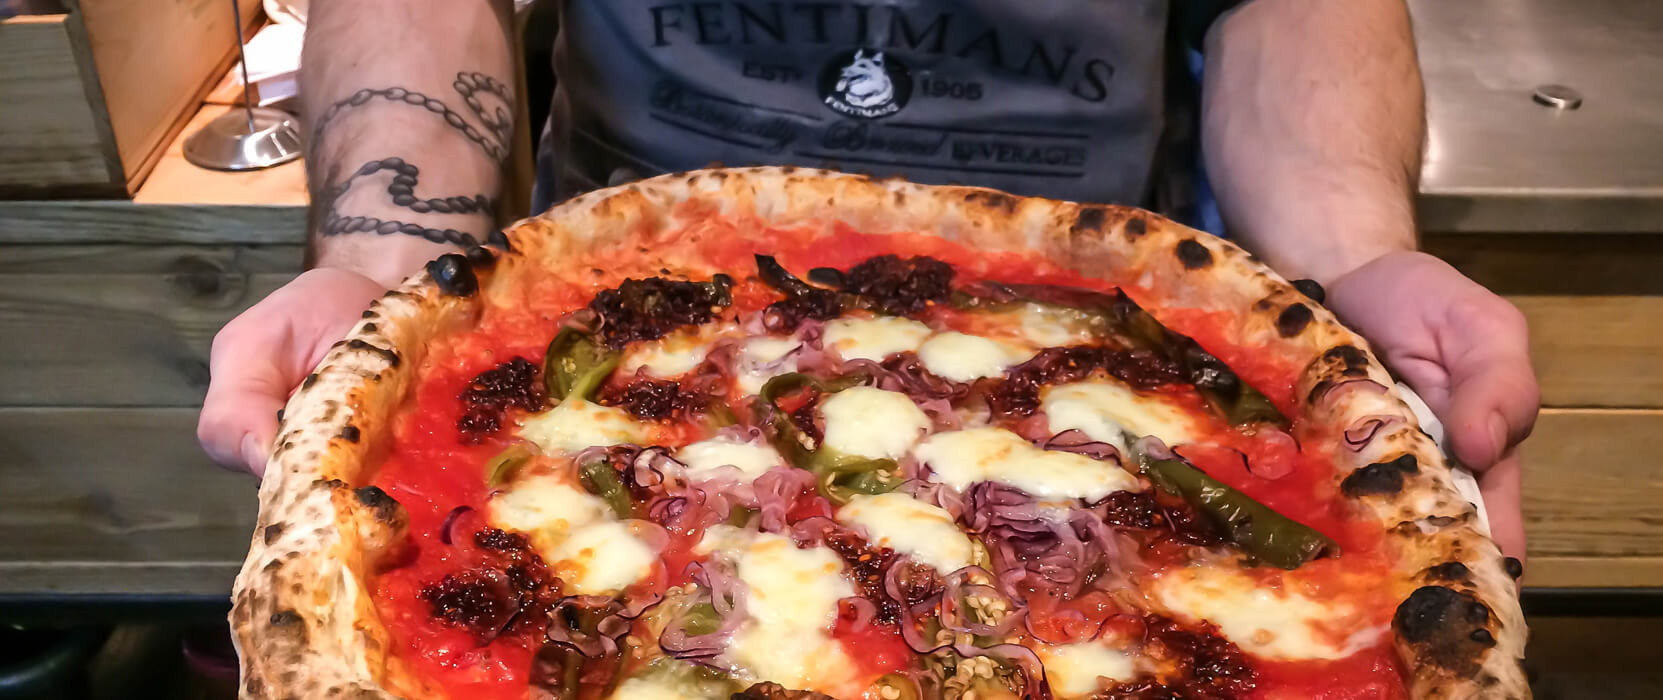 Neapolitanische Pizza aus dem Restaurant 485Grad in Köln